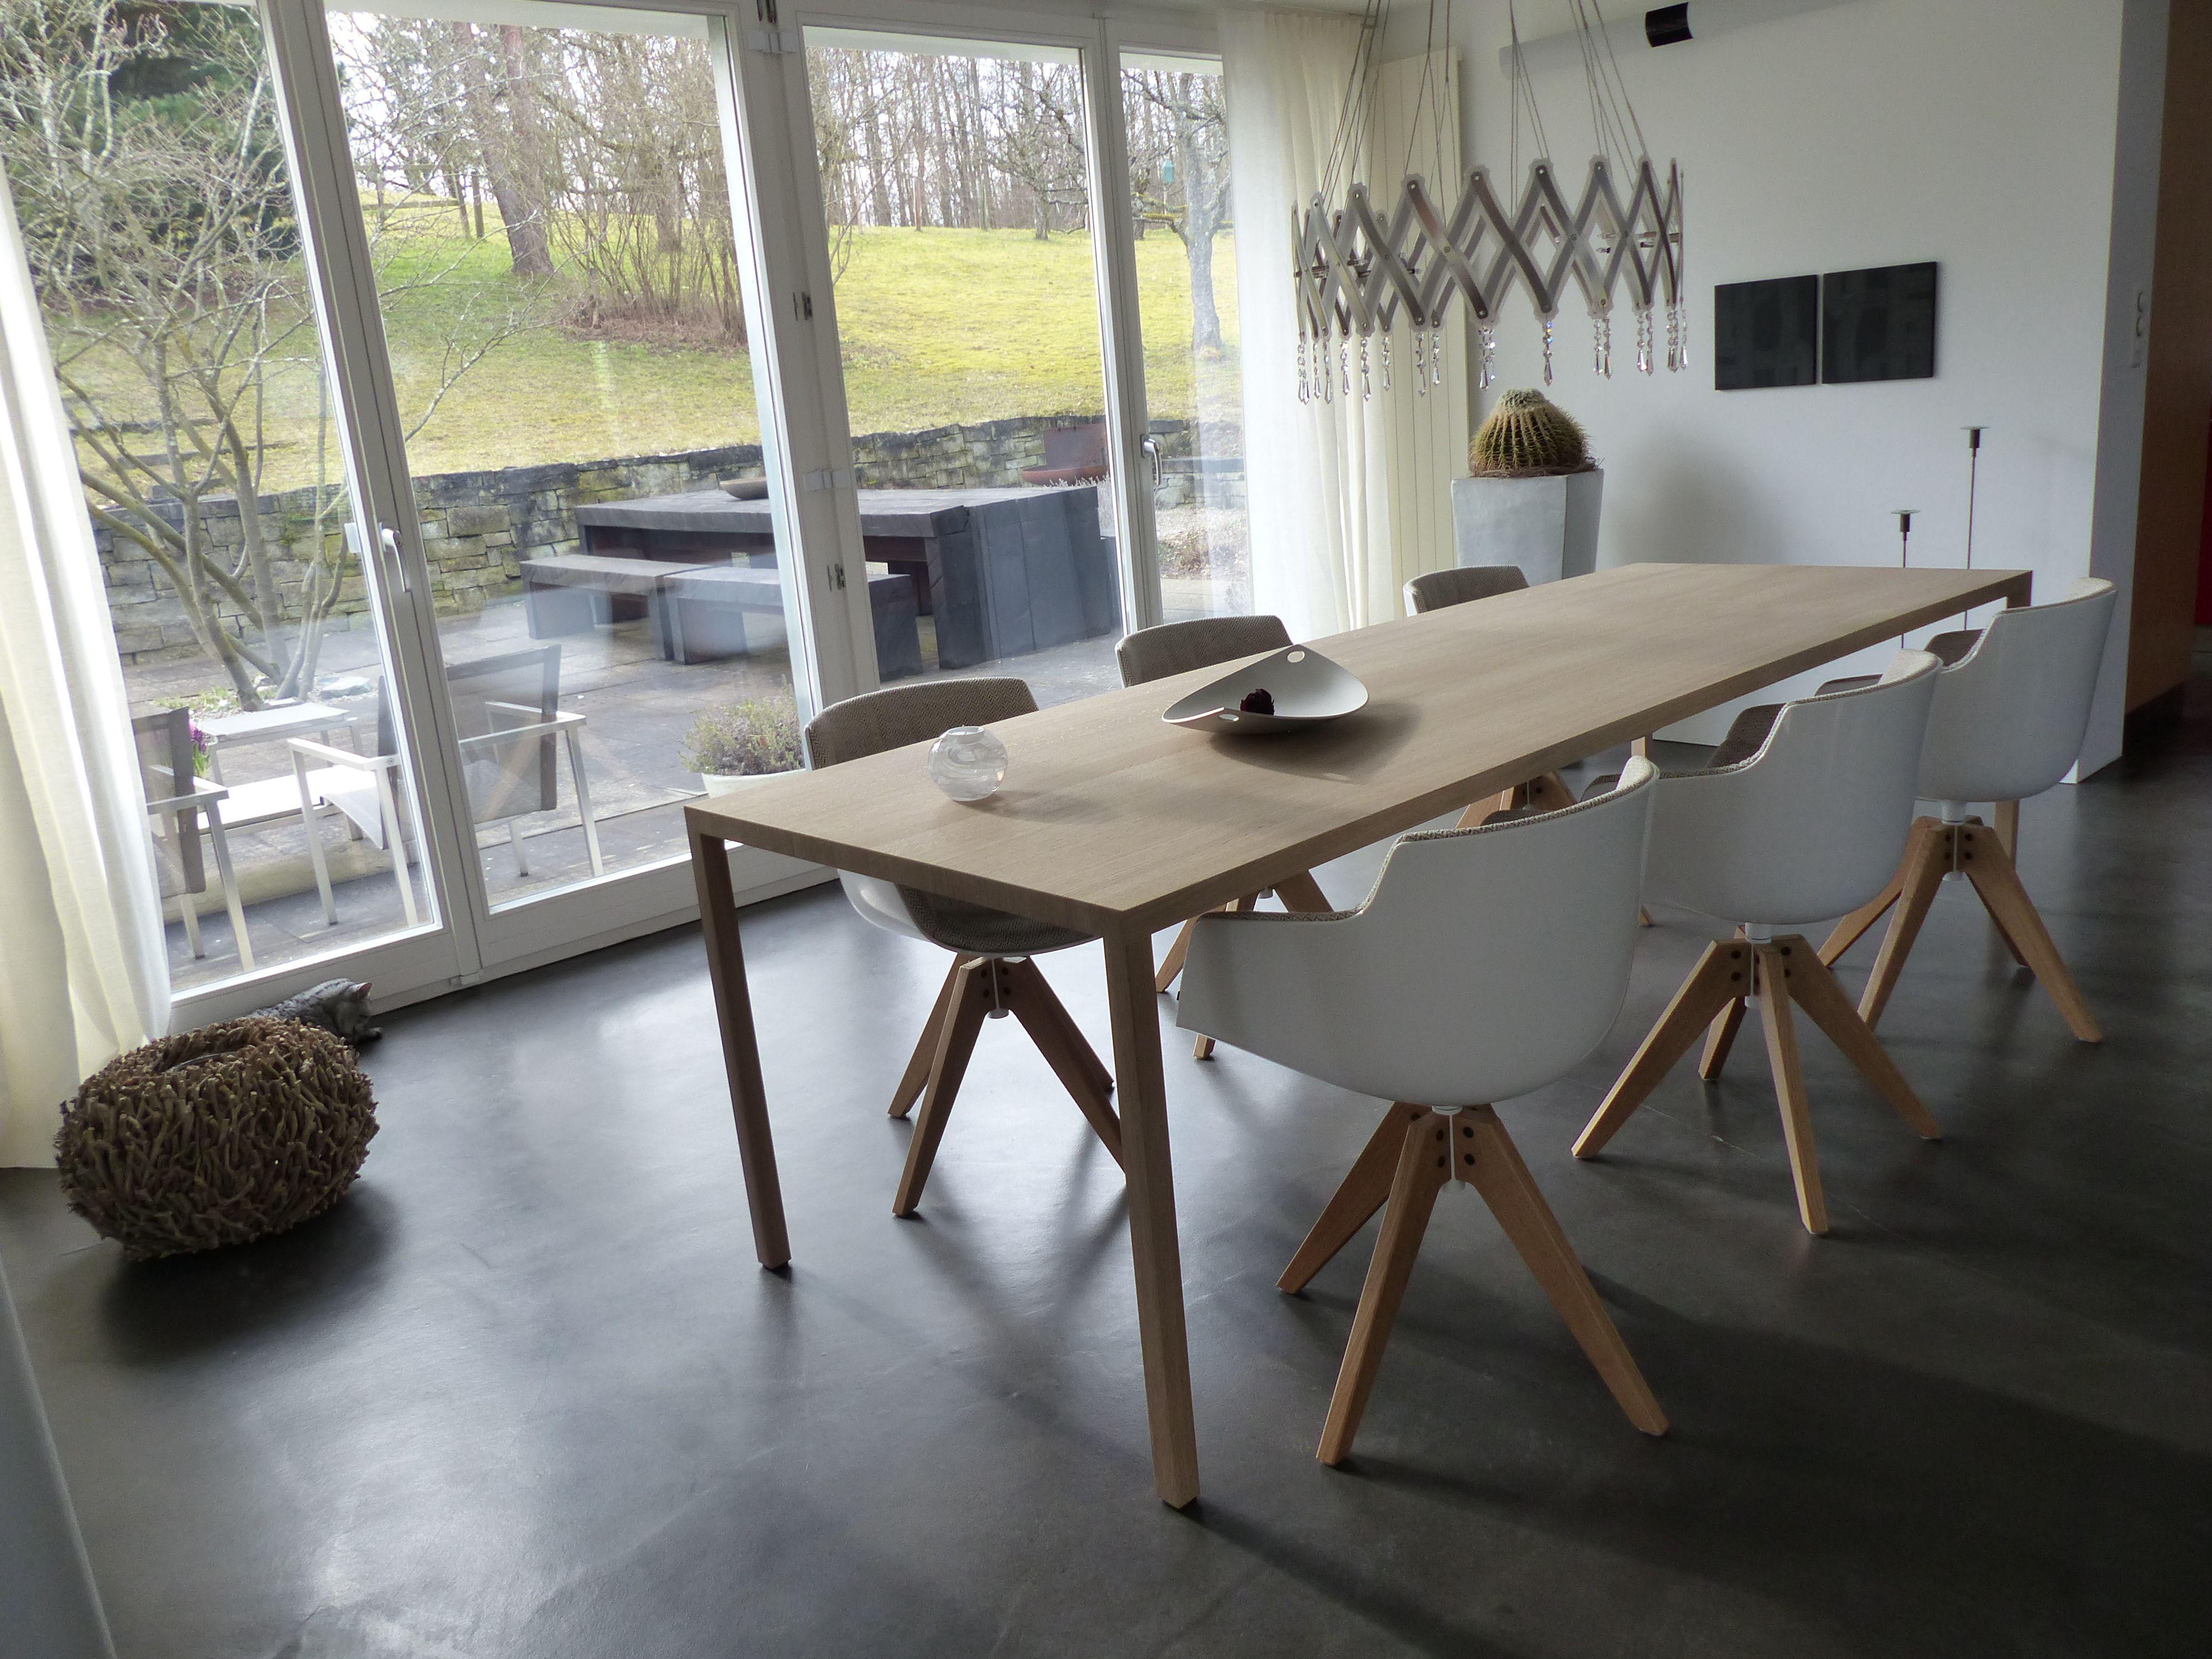 Wohnzimmer Esstisch ~ Wohnideen offene küche mit esstisch und wohnzimmer haus concept